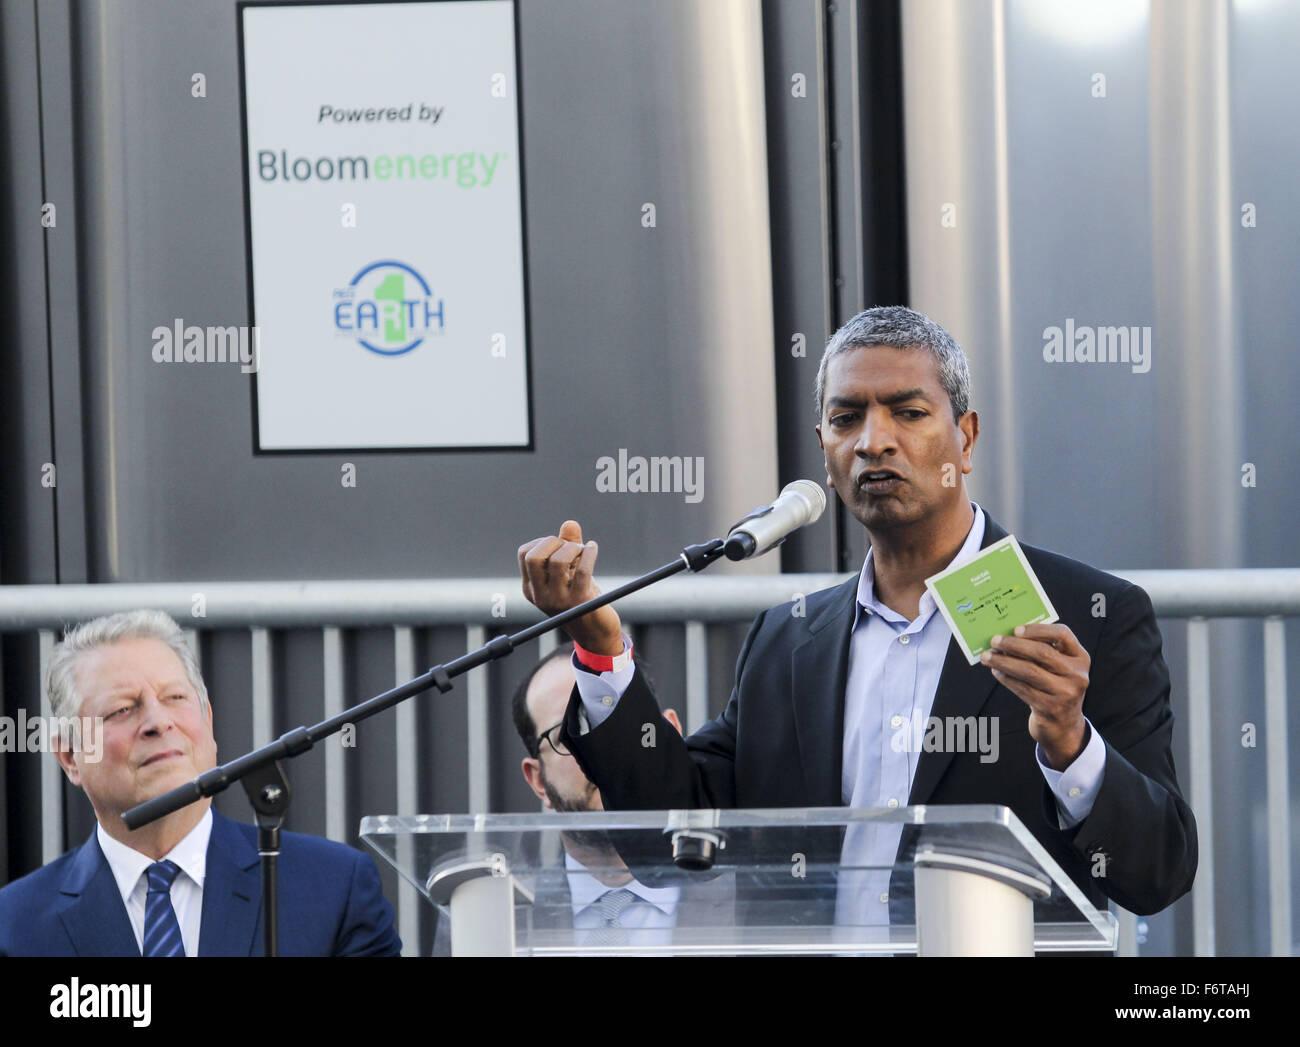 Los Angeles, California, EEUU. 19 Nov, 2015. Bloom Energy KR Sridhar, habla durante una ceremonia para develar e Imagen De Stock